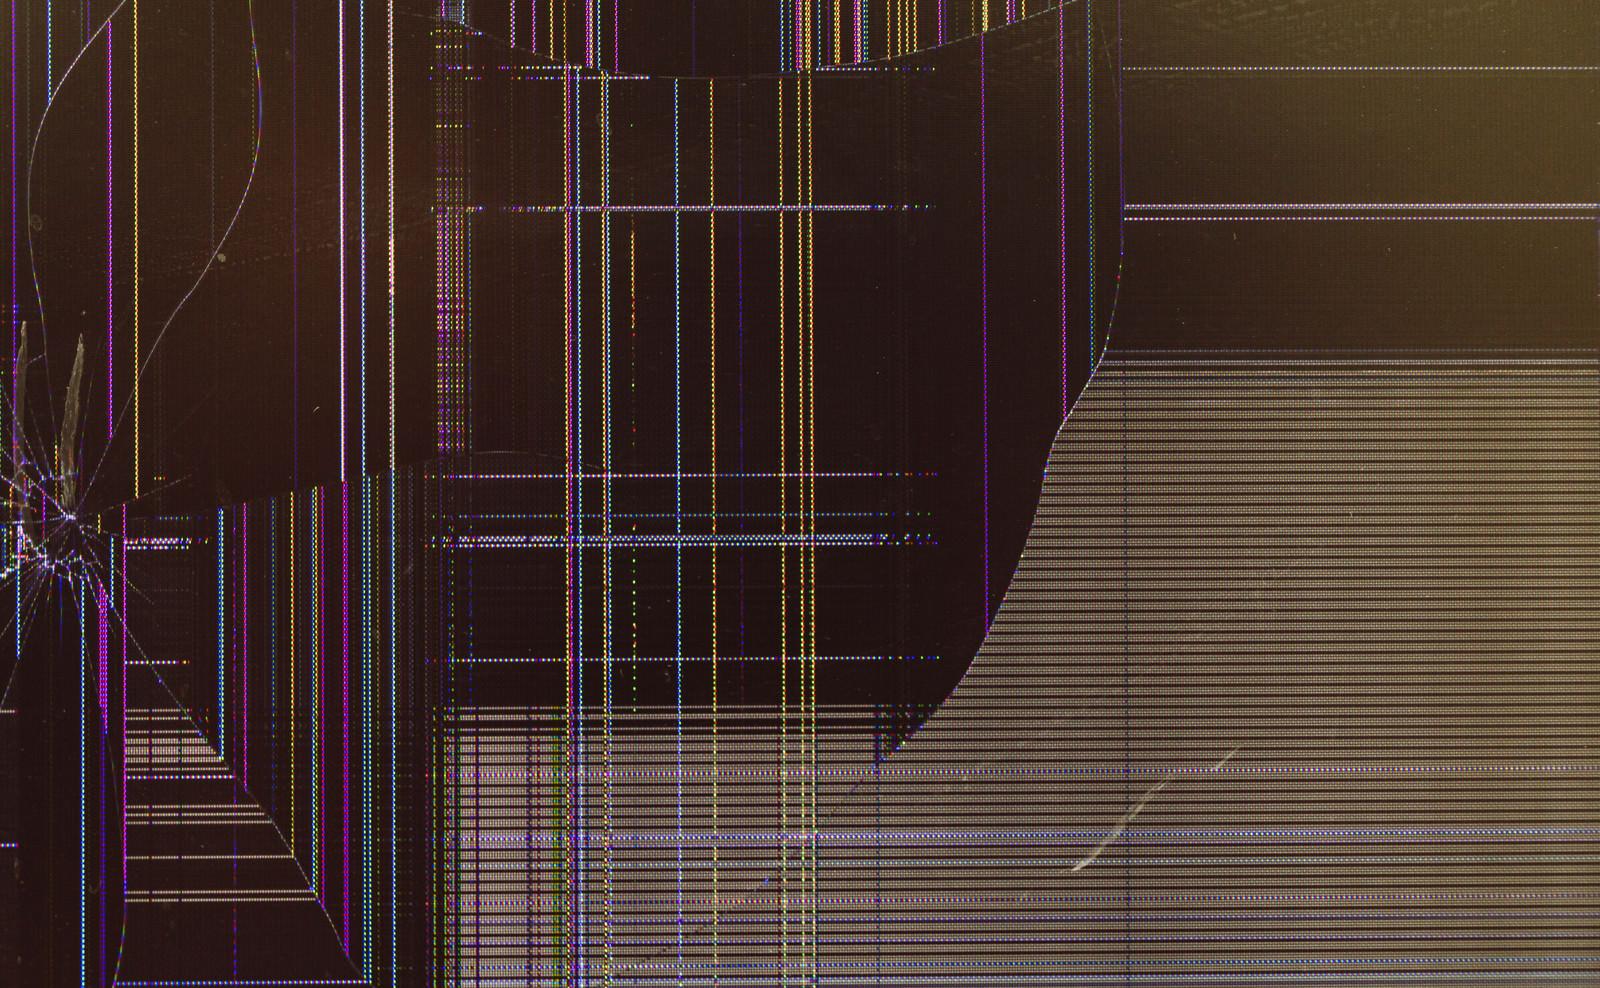 「ヒビが入って壊れた液晶ディスプレイ」の写真